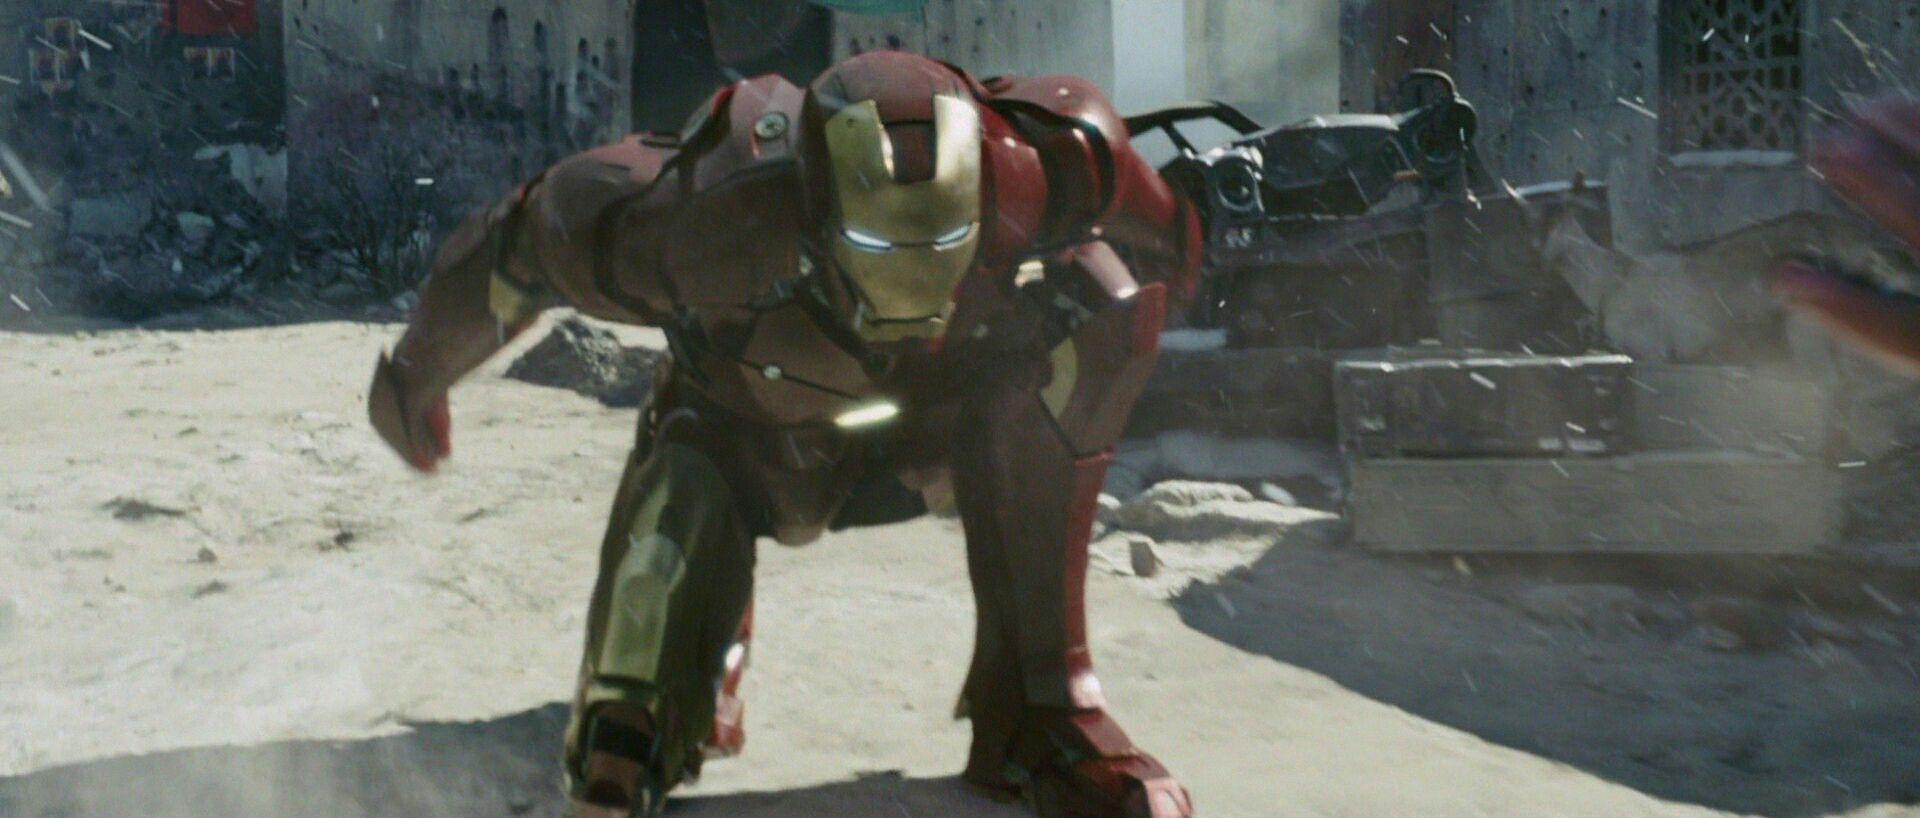 Iron Man/Tony Stark Iron man superhero, Iron man tony stark